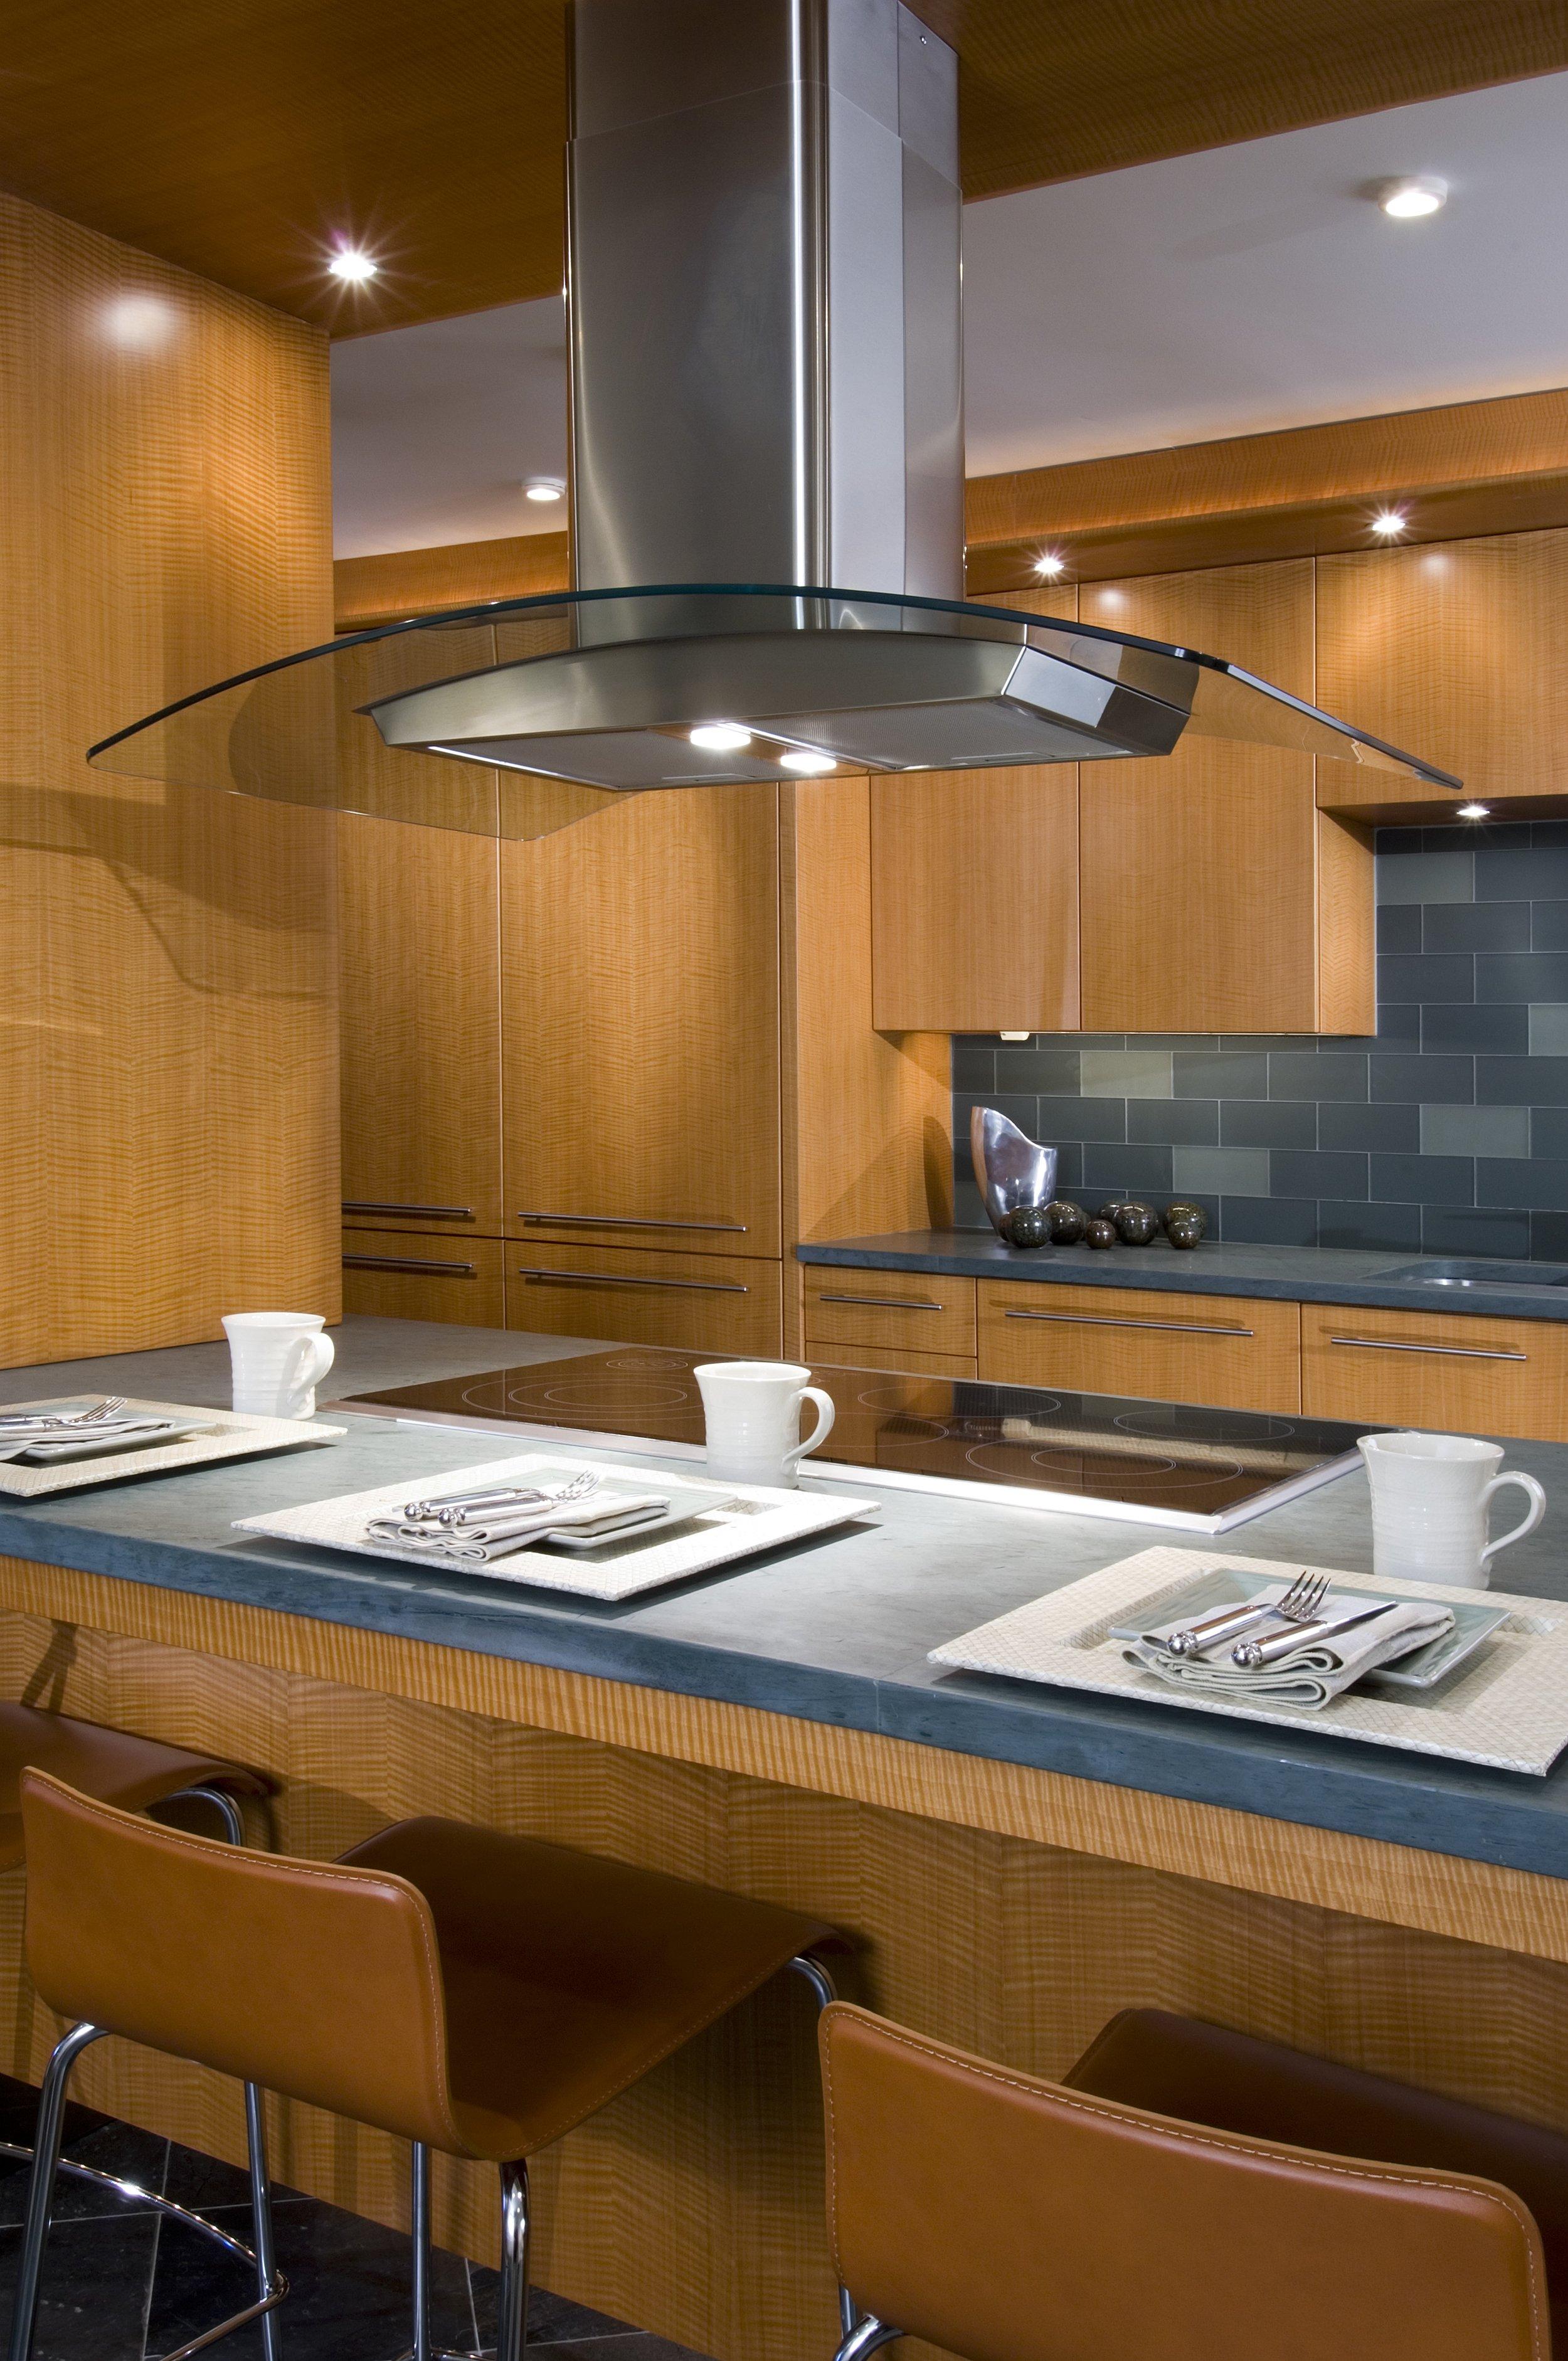 KBC_kitchen_bath_concepts_Kitchen_134.jpg